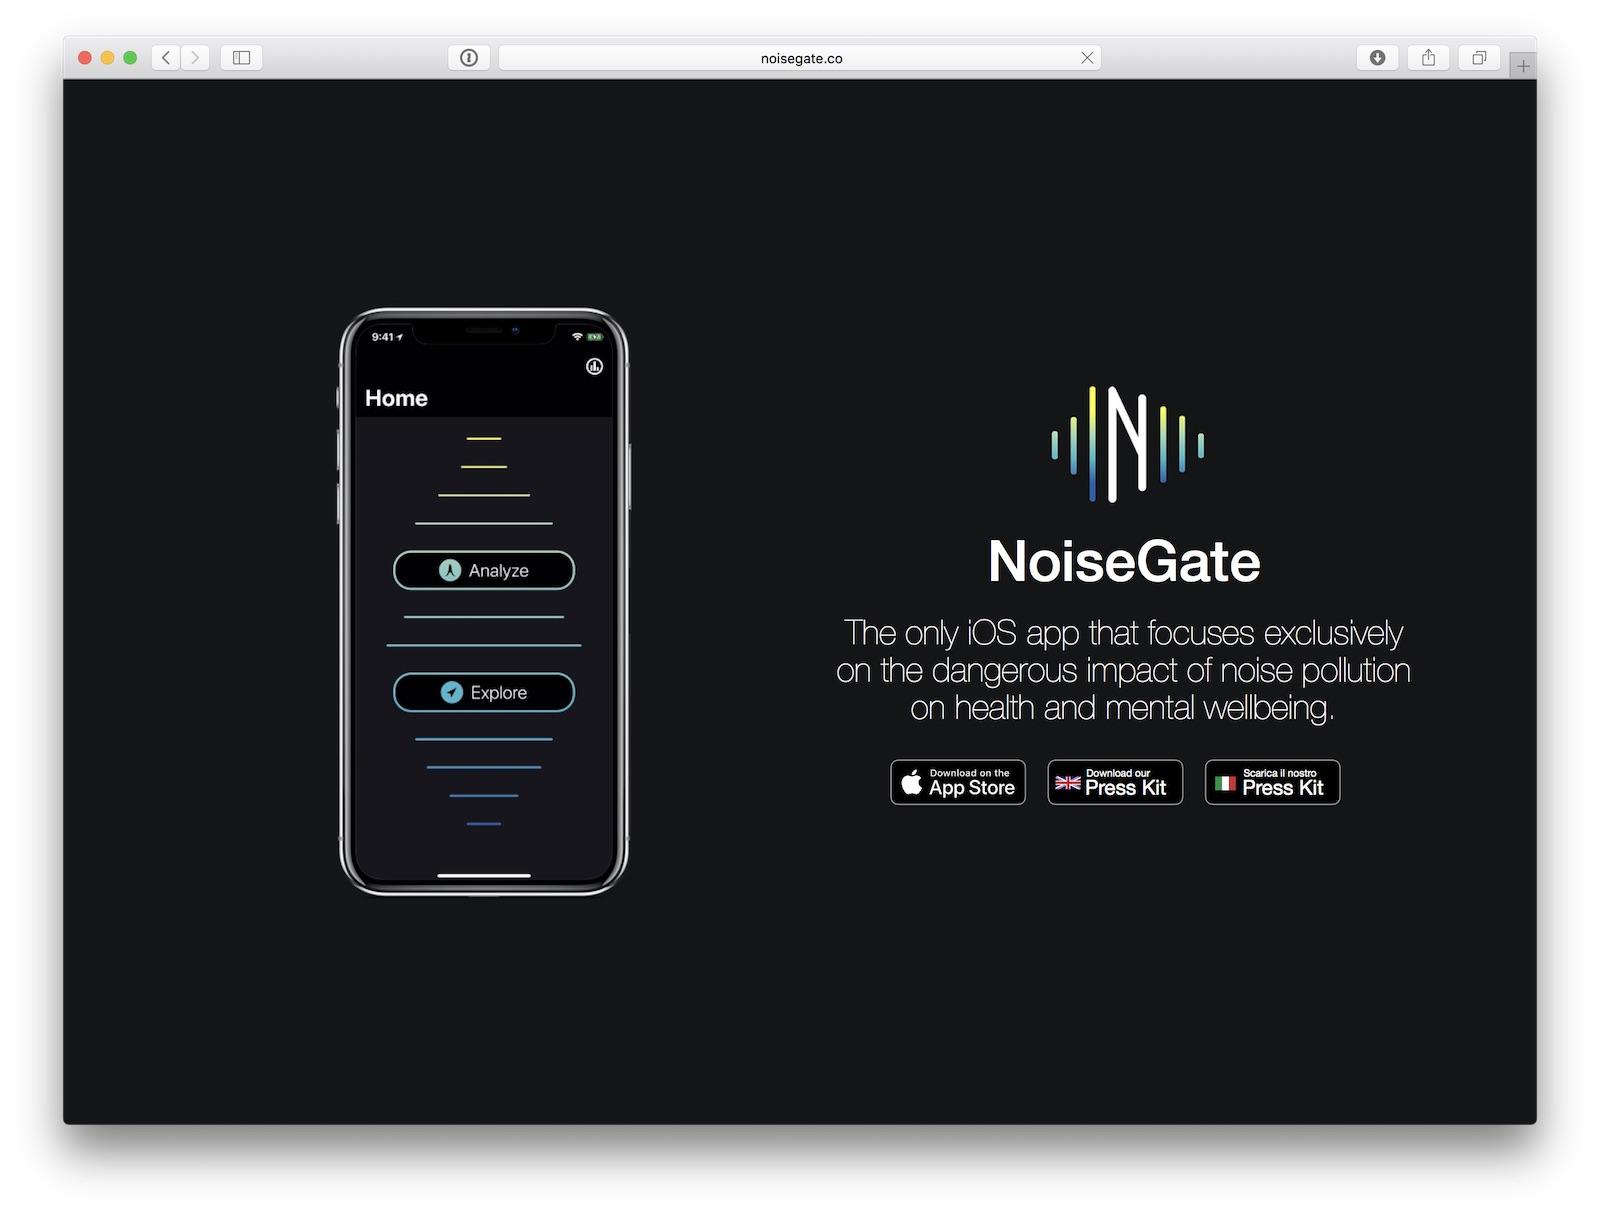 noisegate.co